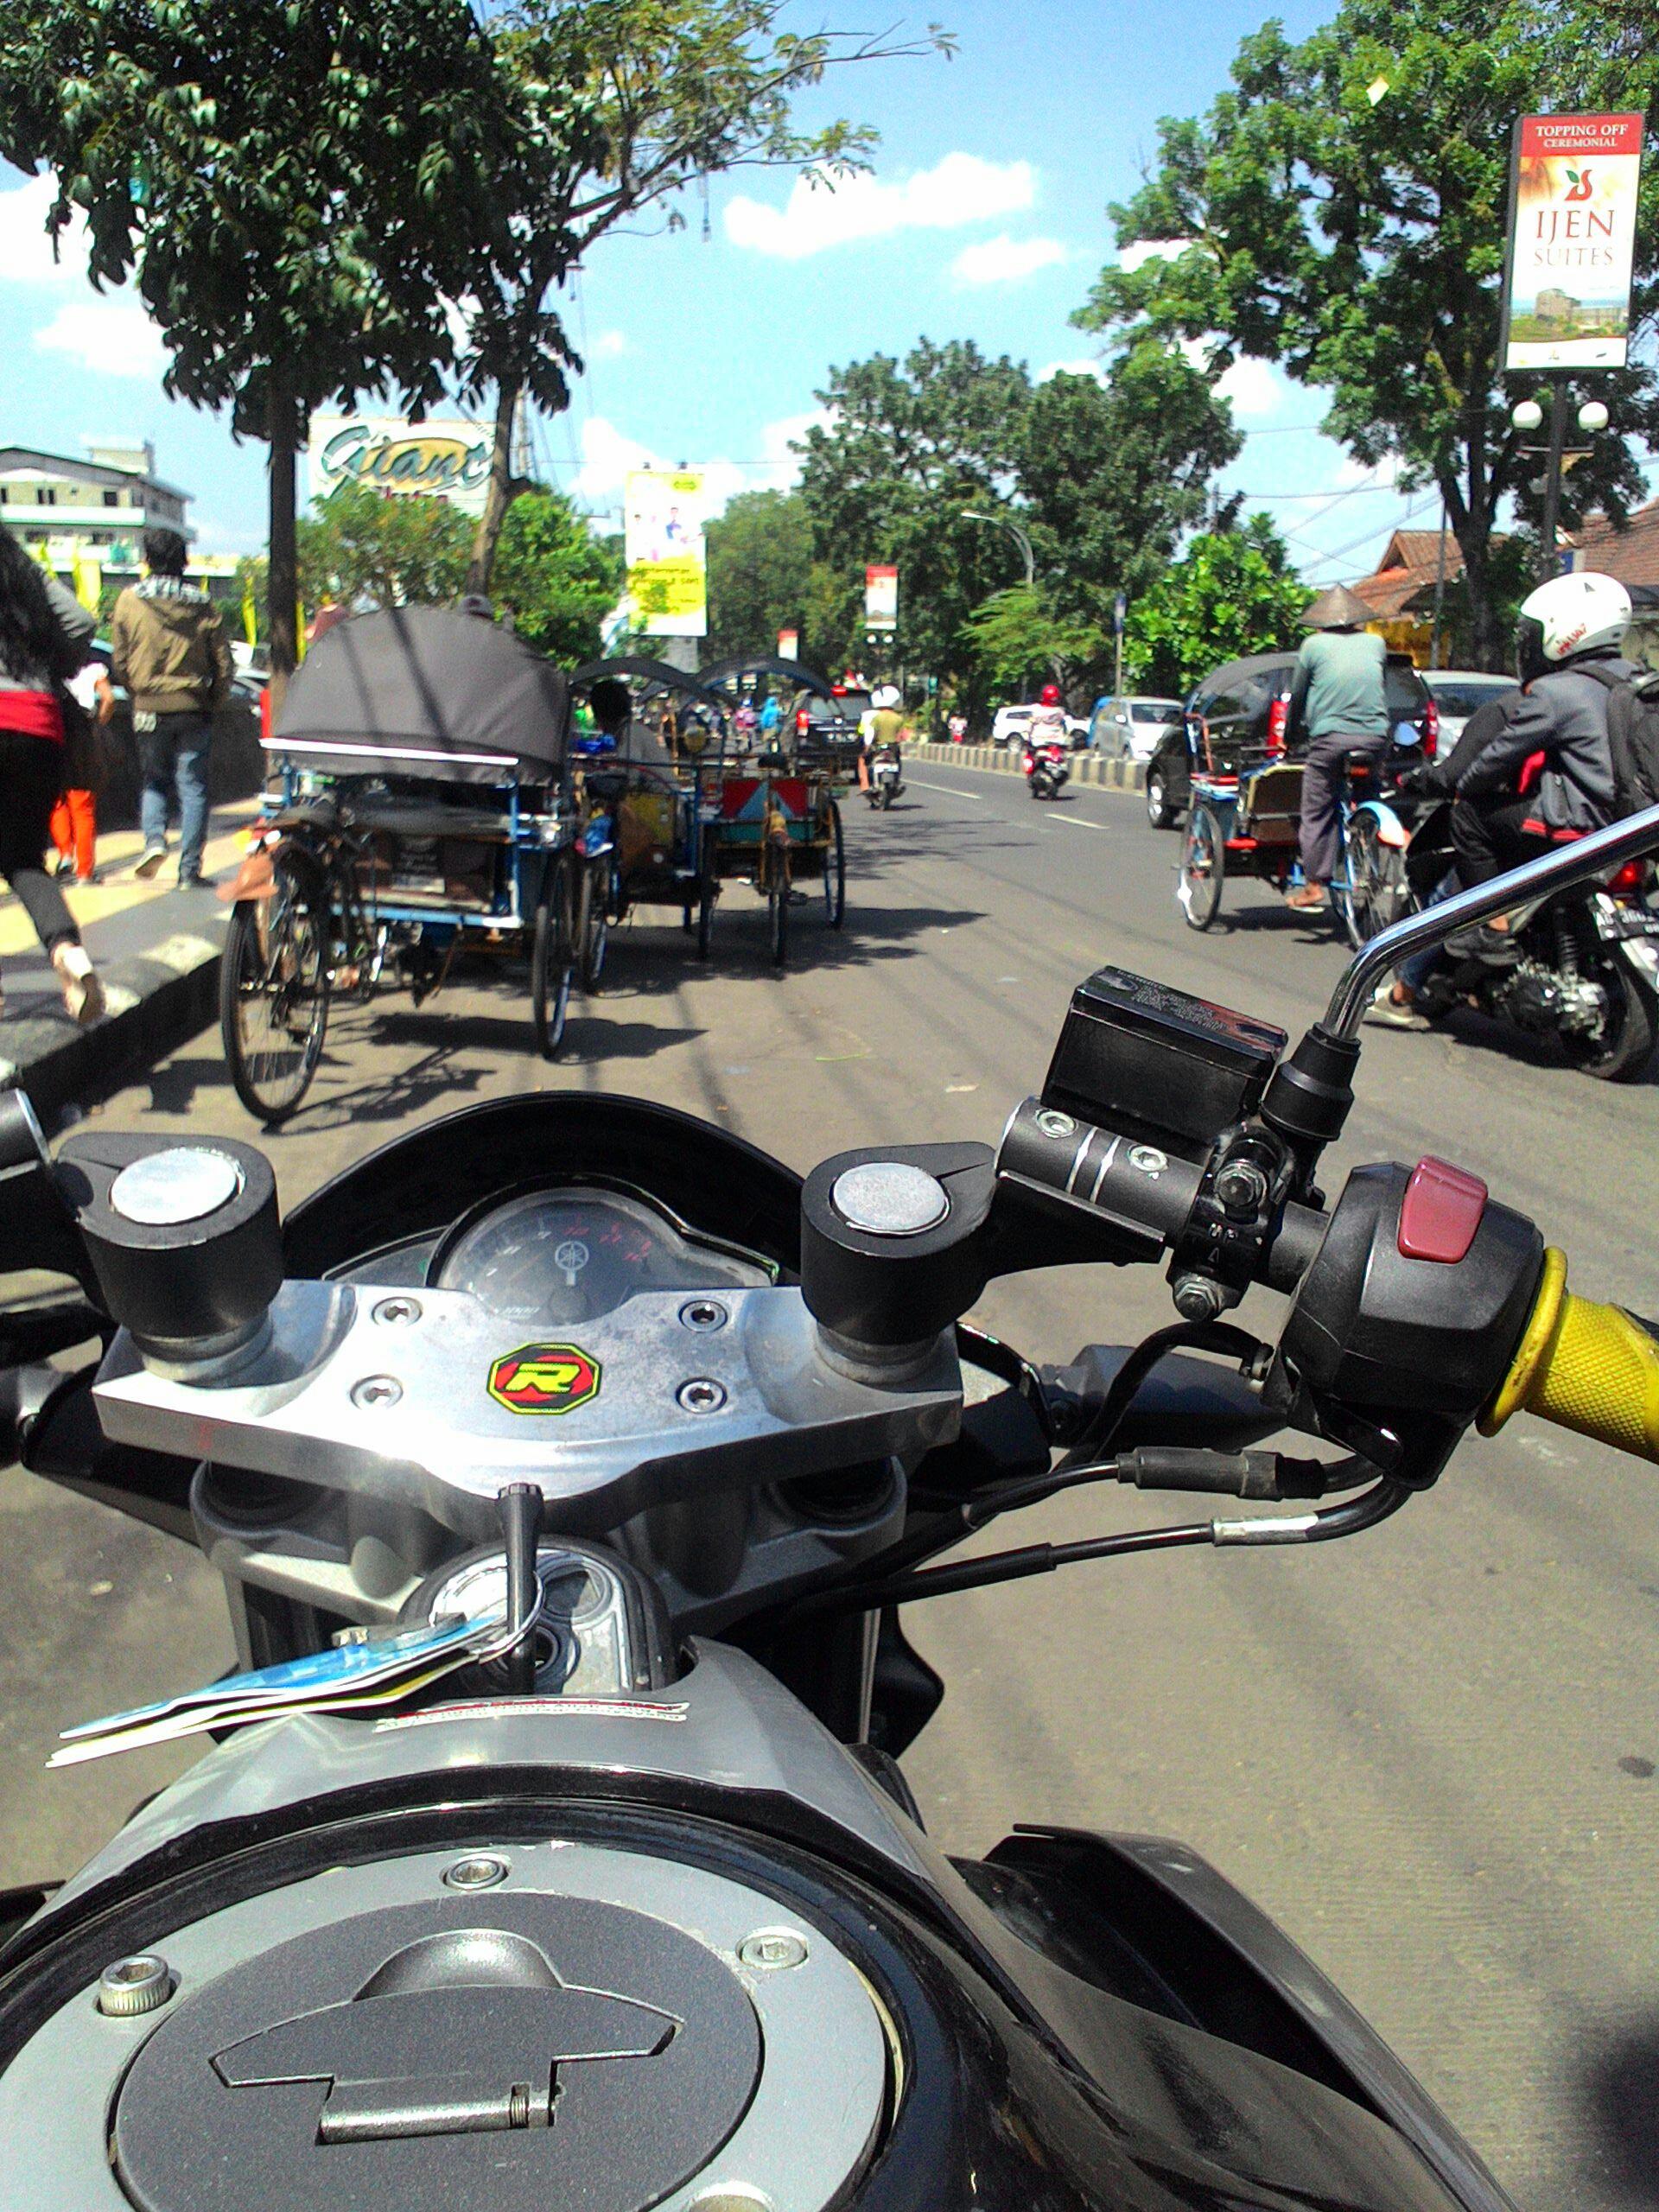 Review Riding NVL Dengan Stang Jepit Dan Segitiga Khusus Gak